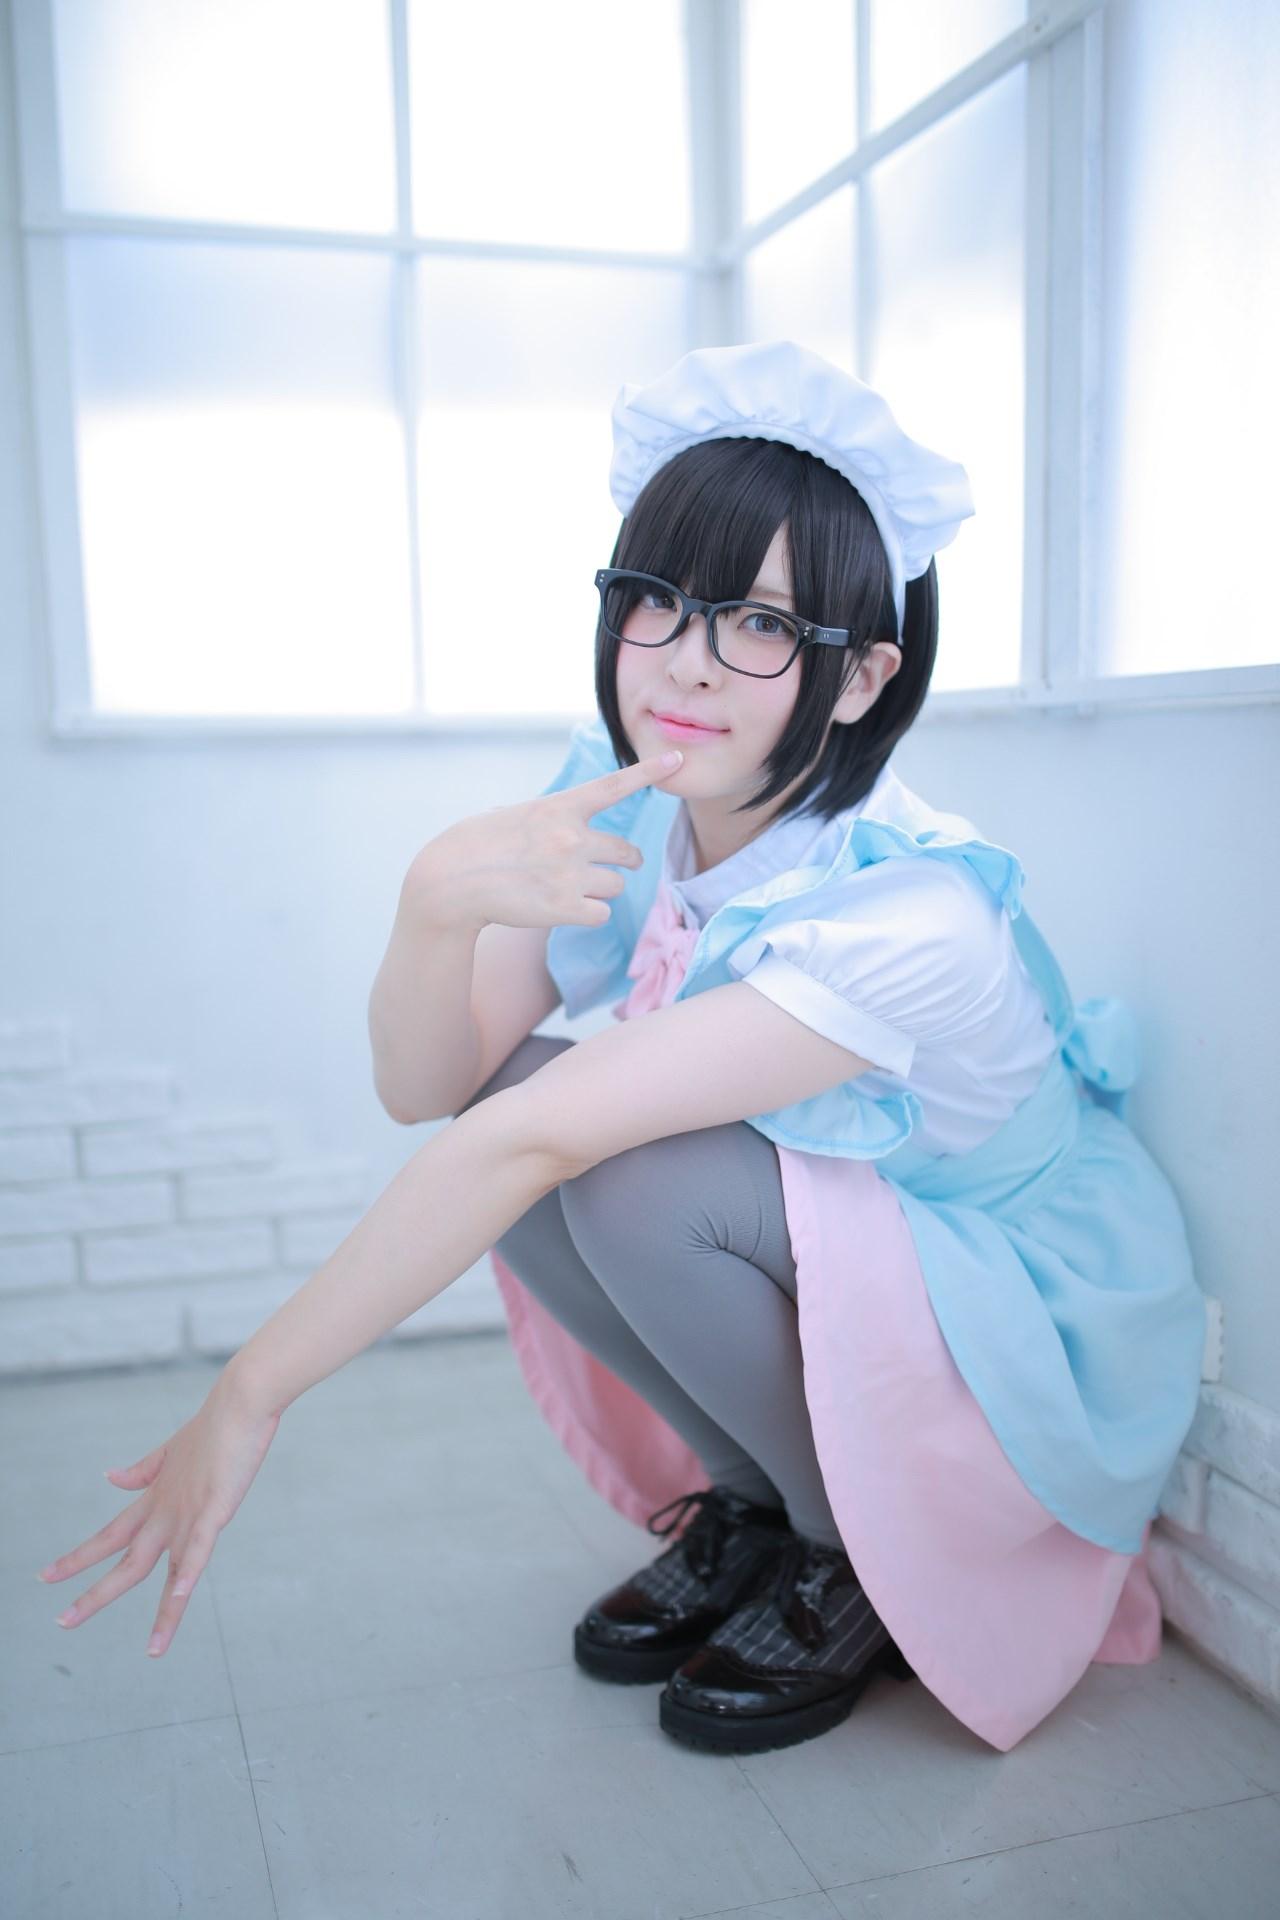 【兔玩映画】眼镜女仆 兔玩映画 第75张